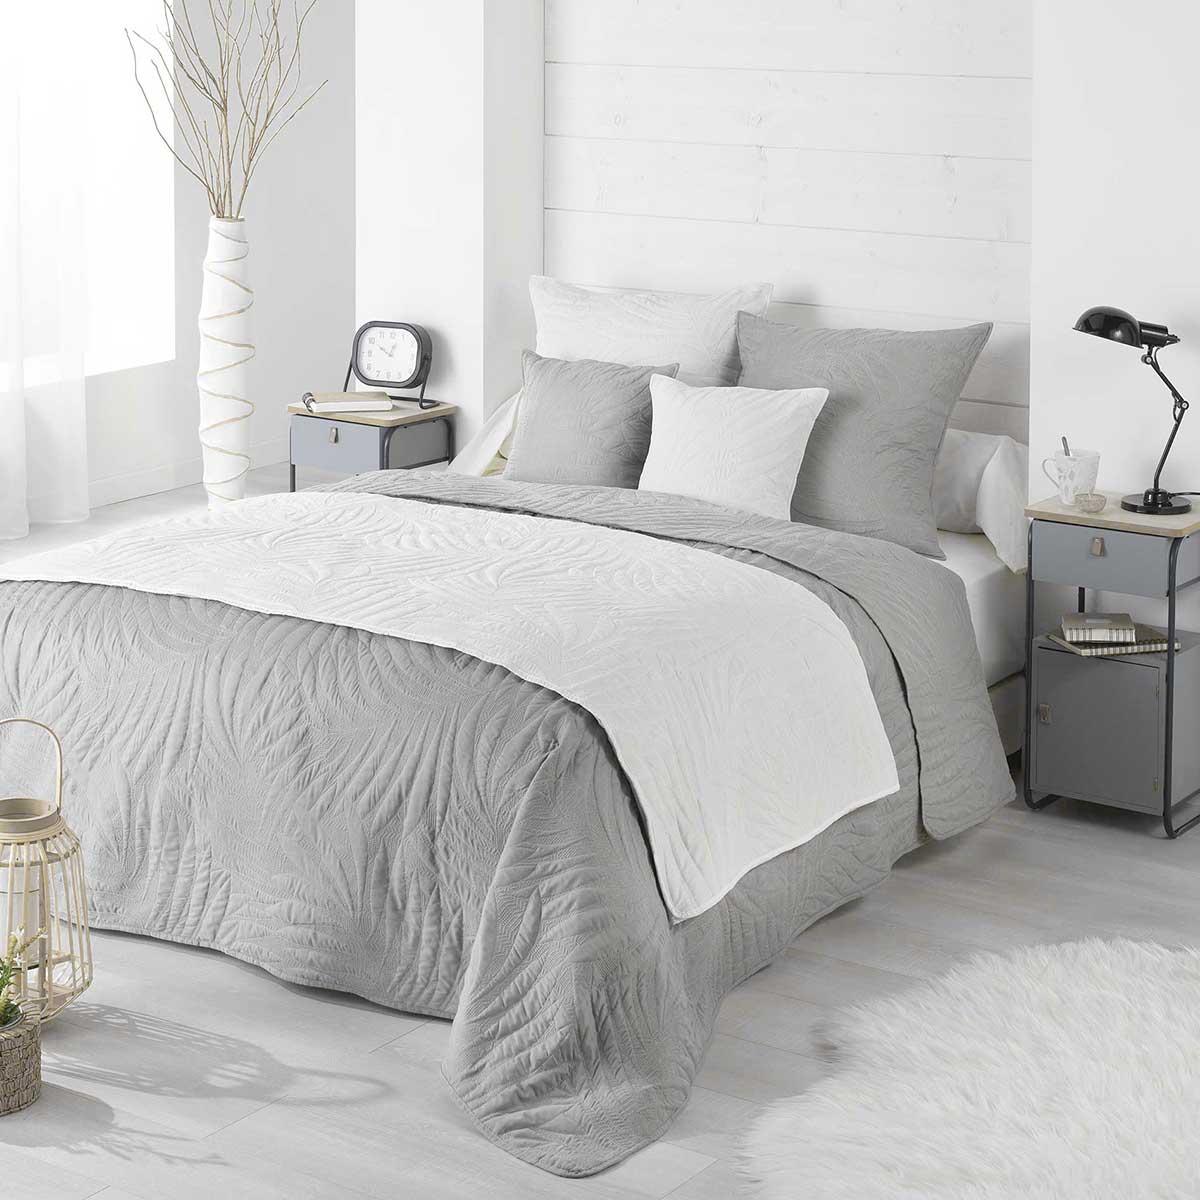 couvre lit matelass et uni en microfibre gris blanc taupe vert homemaison vente. Black Bedroom Furniture Sets. Home Design Ideas